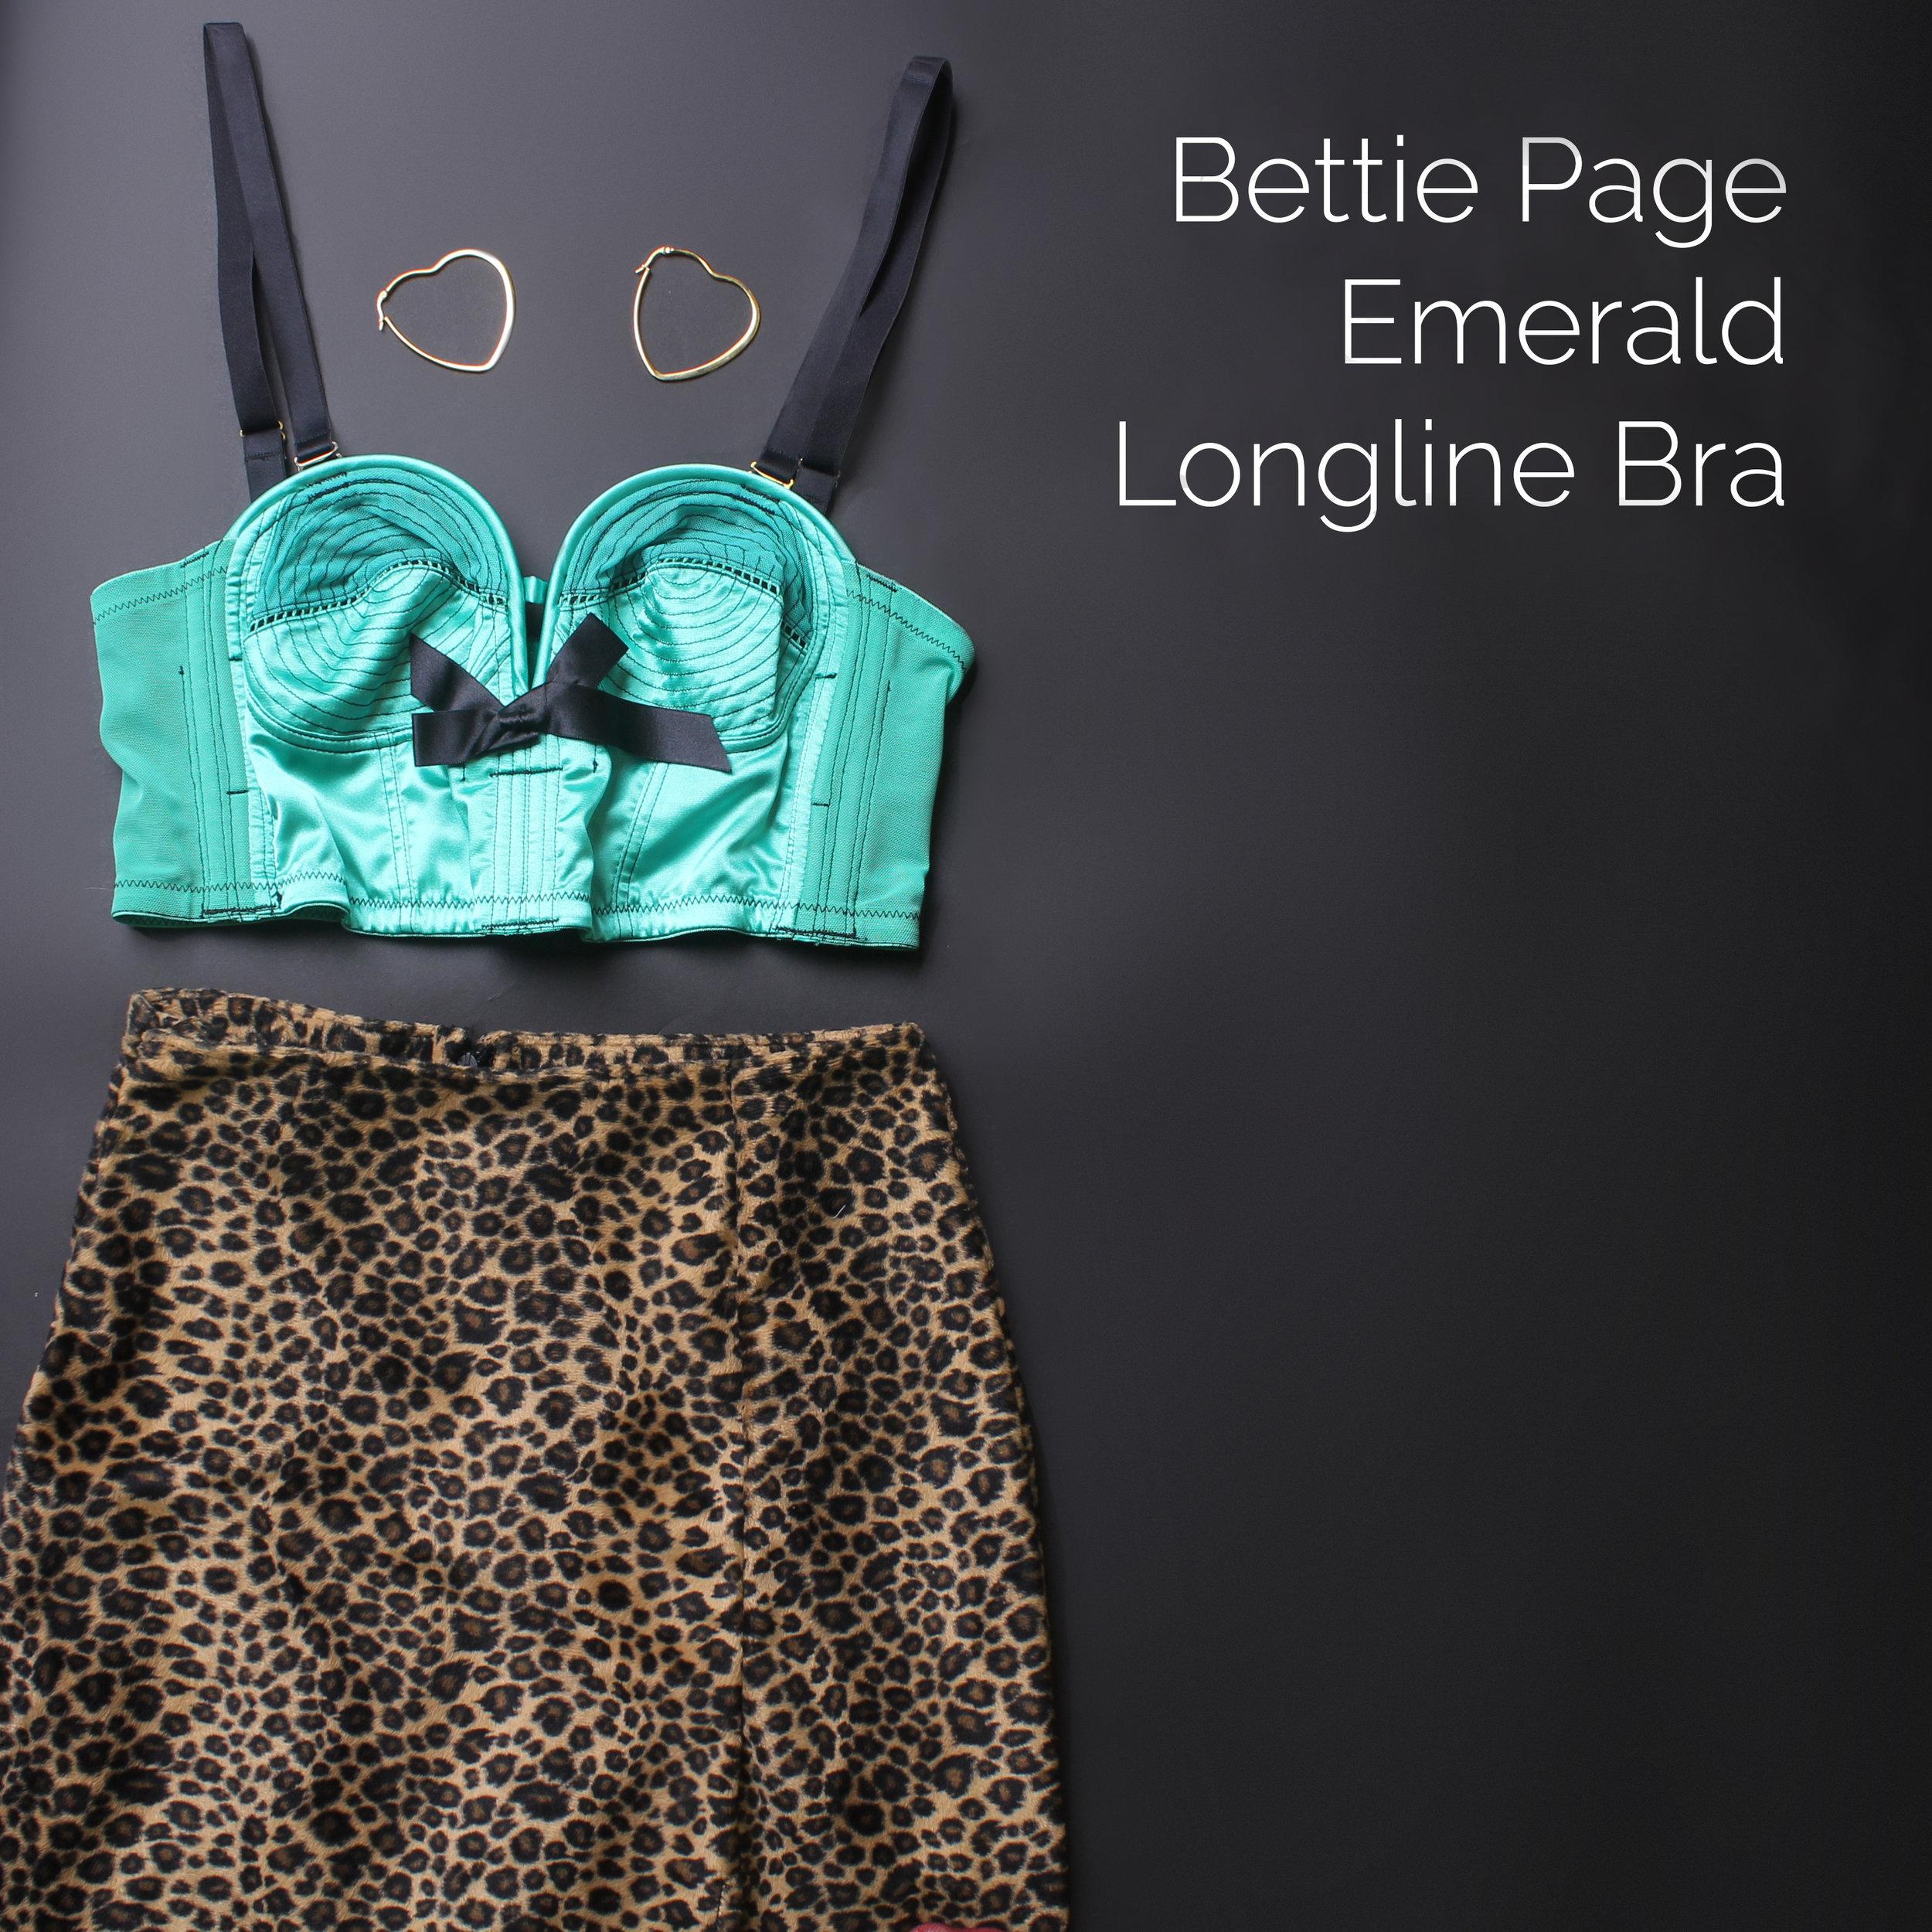 Bettie Page Emerald Longline Bra.jpg